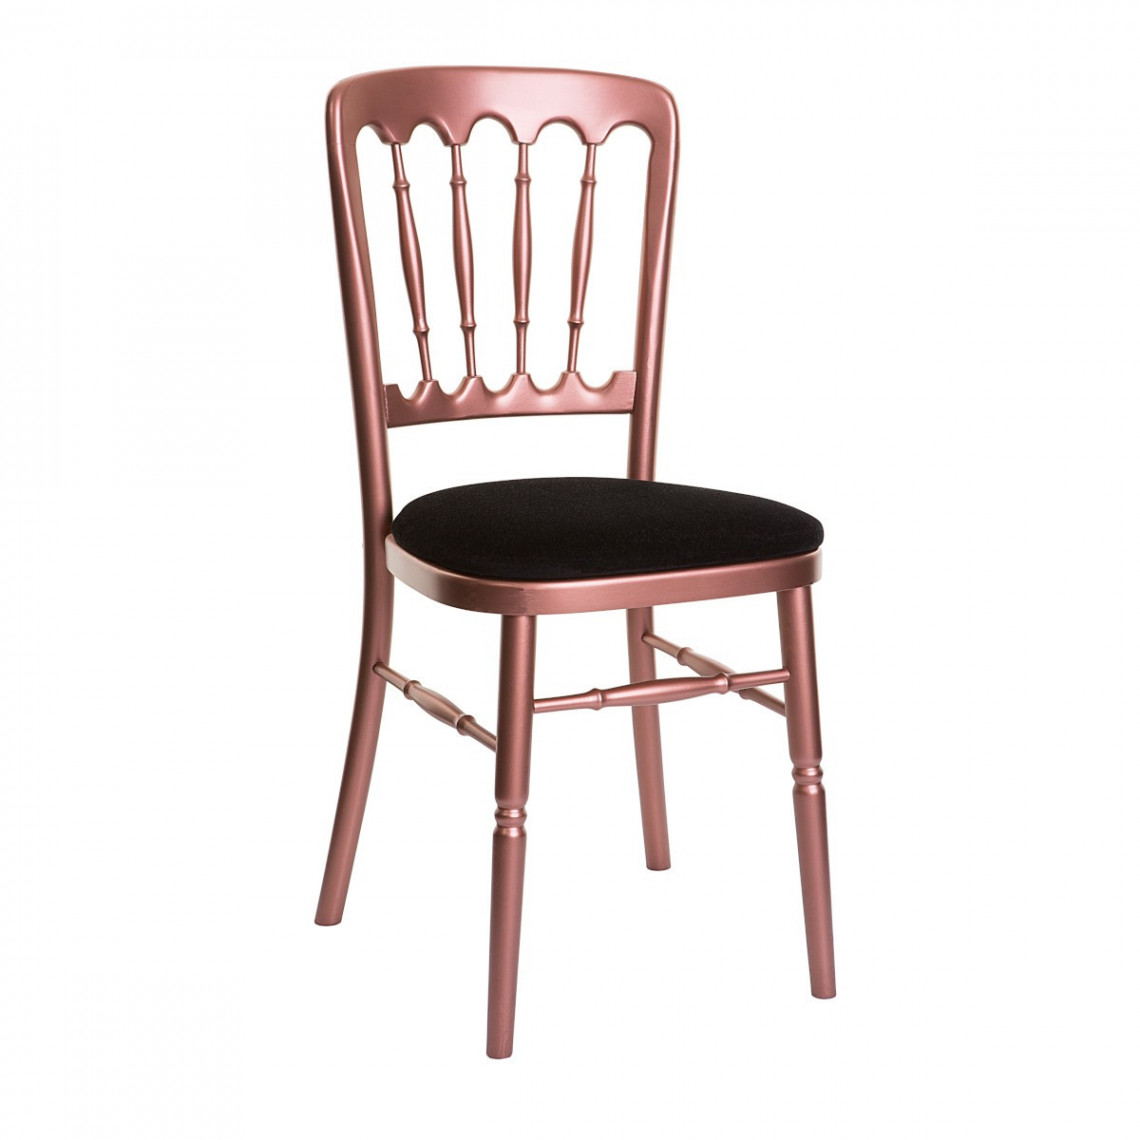 Chaise Scala cuivre (assise à choisir en plus)